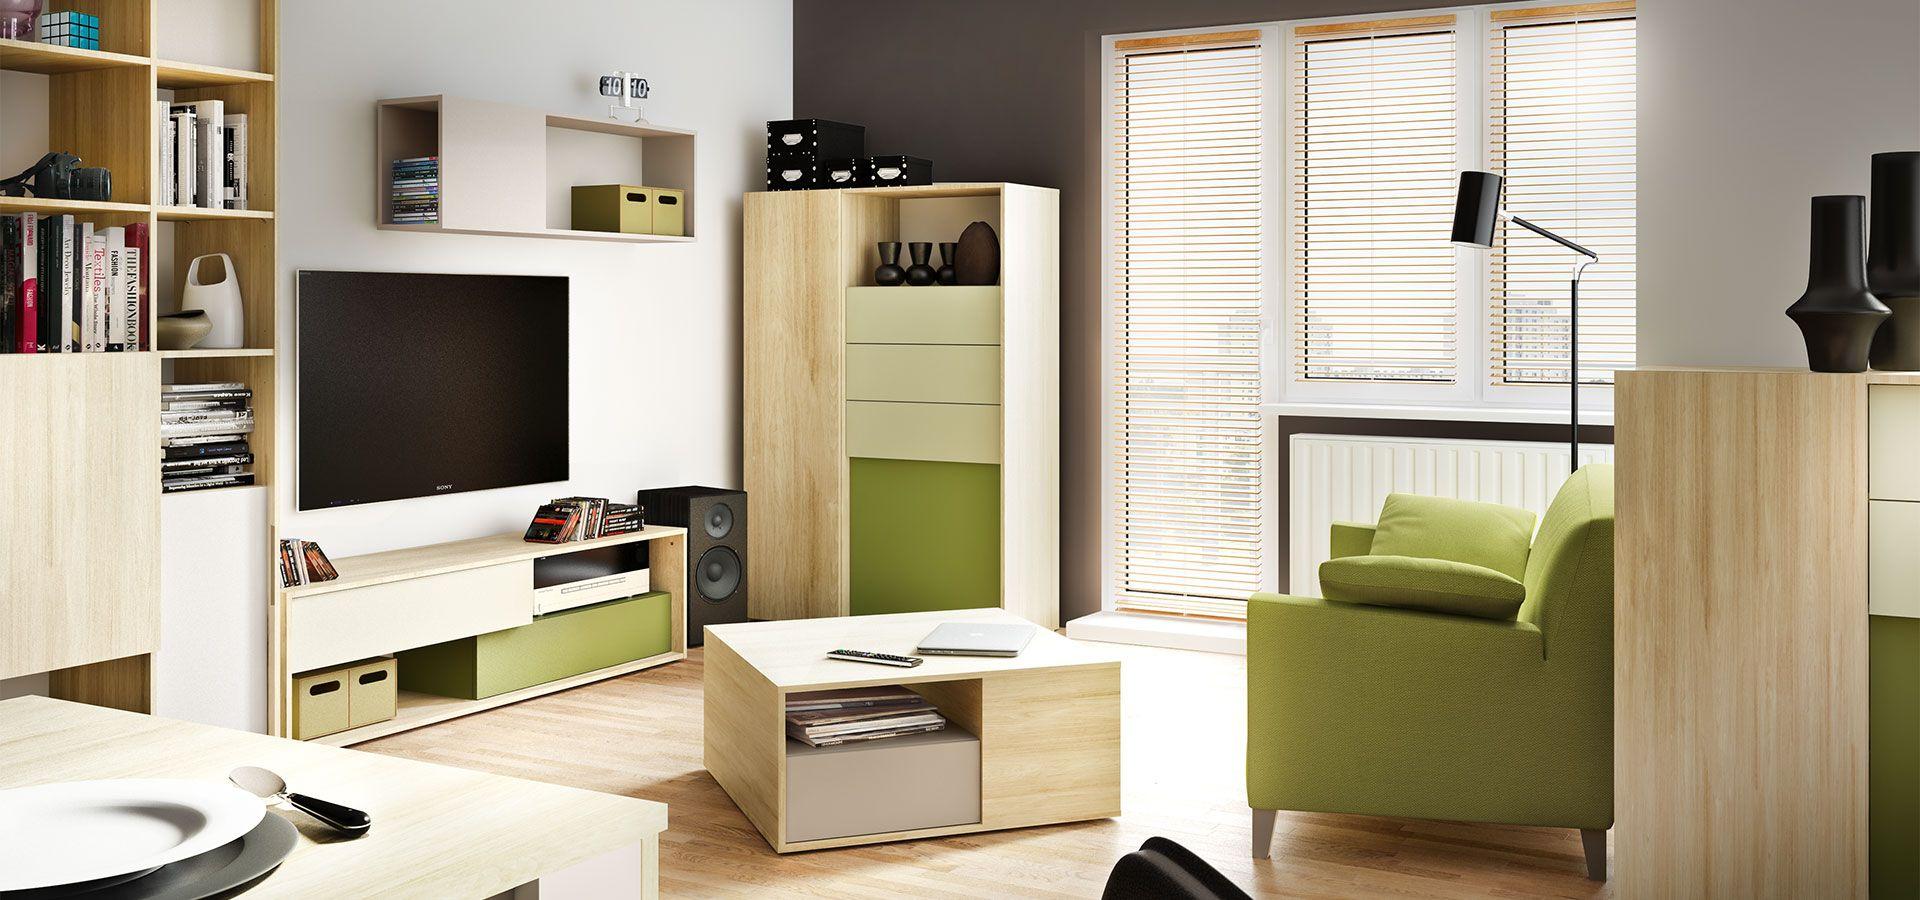 System mebli do salonu 3d by Vox to nie tylko biel połączona z drewnem, ale również z soczystym kolorem zielonym. Całość tego połączenia tworzy ciekawą kompozycję, która z pewnością ożywi każde pomieszczenie. Fot. VOX